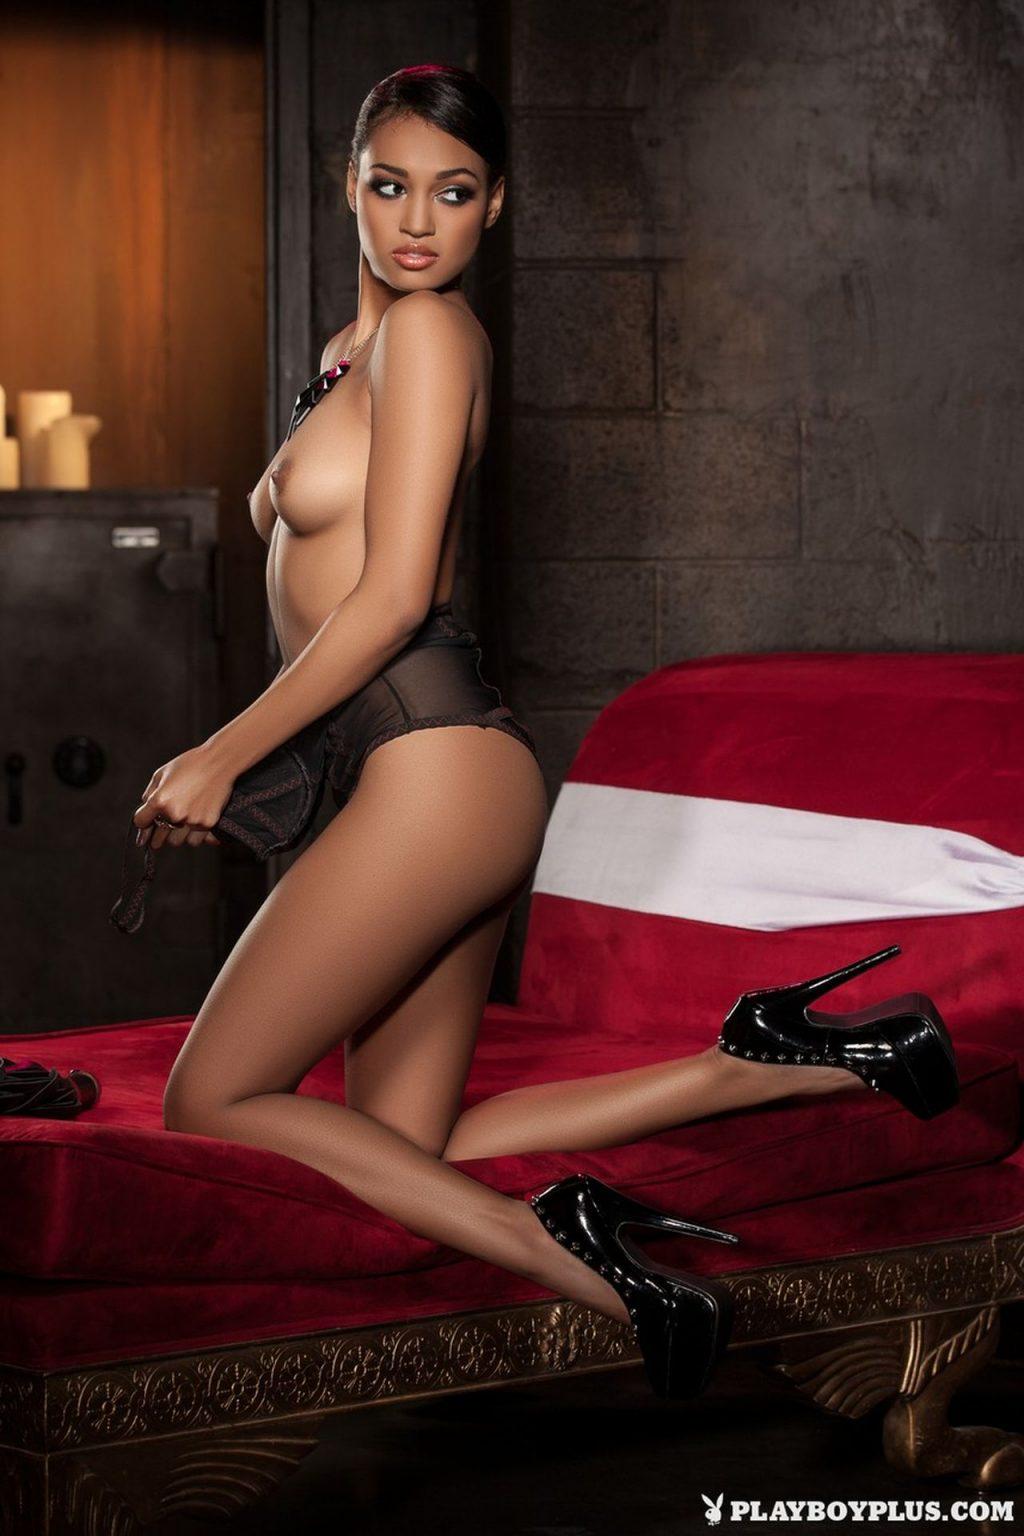 Noelle Monique Nude Thefappeningblog Com 6 1024x1536